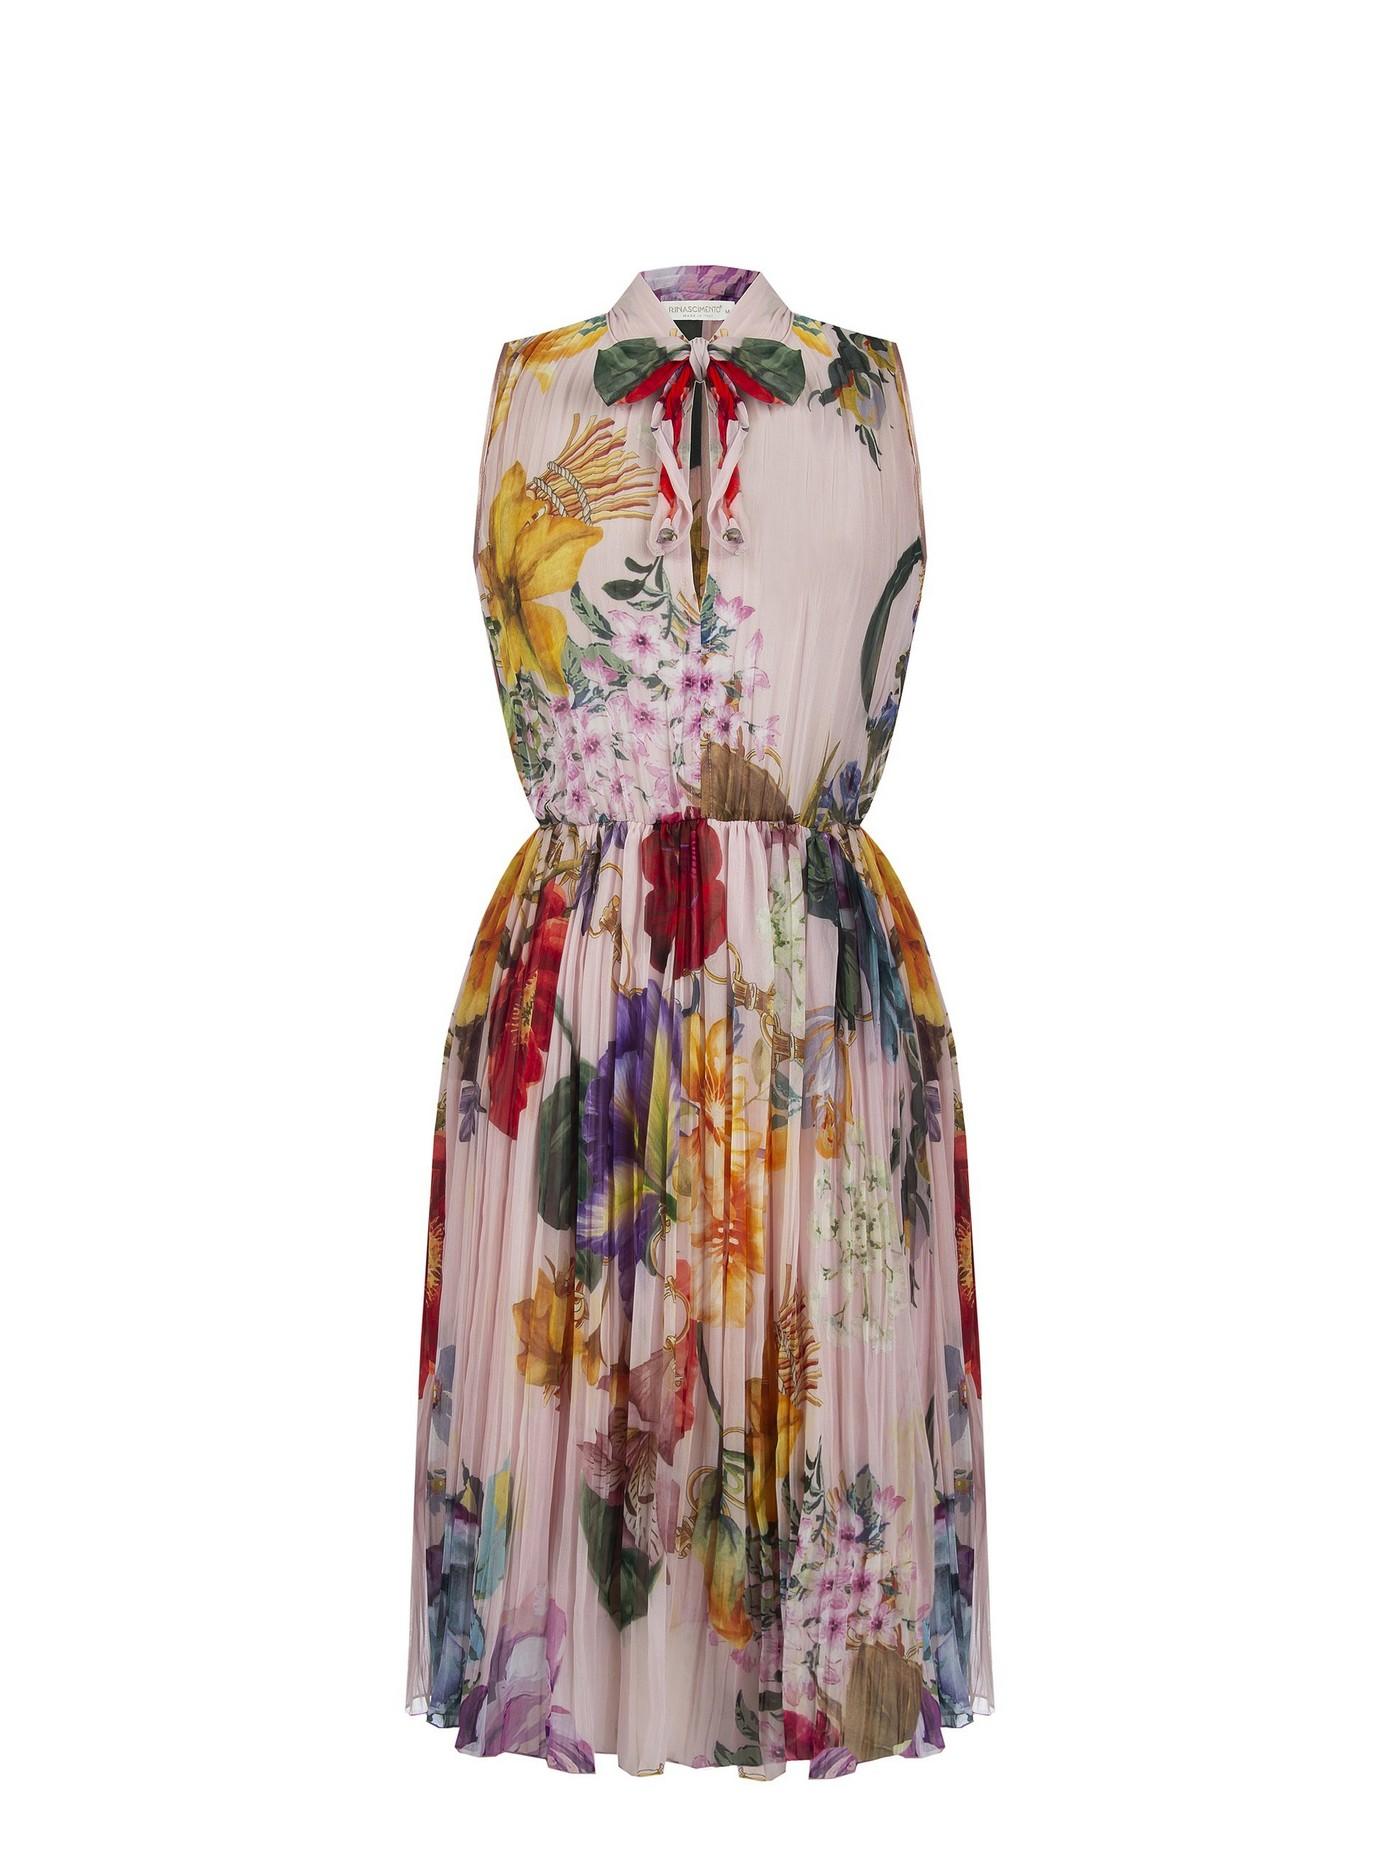 Сукня Rinascimento, спідниця пліссе.